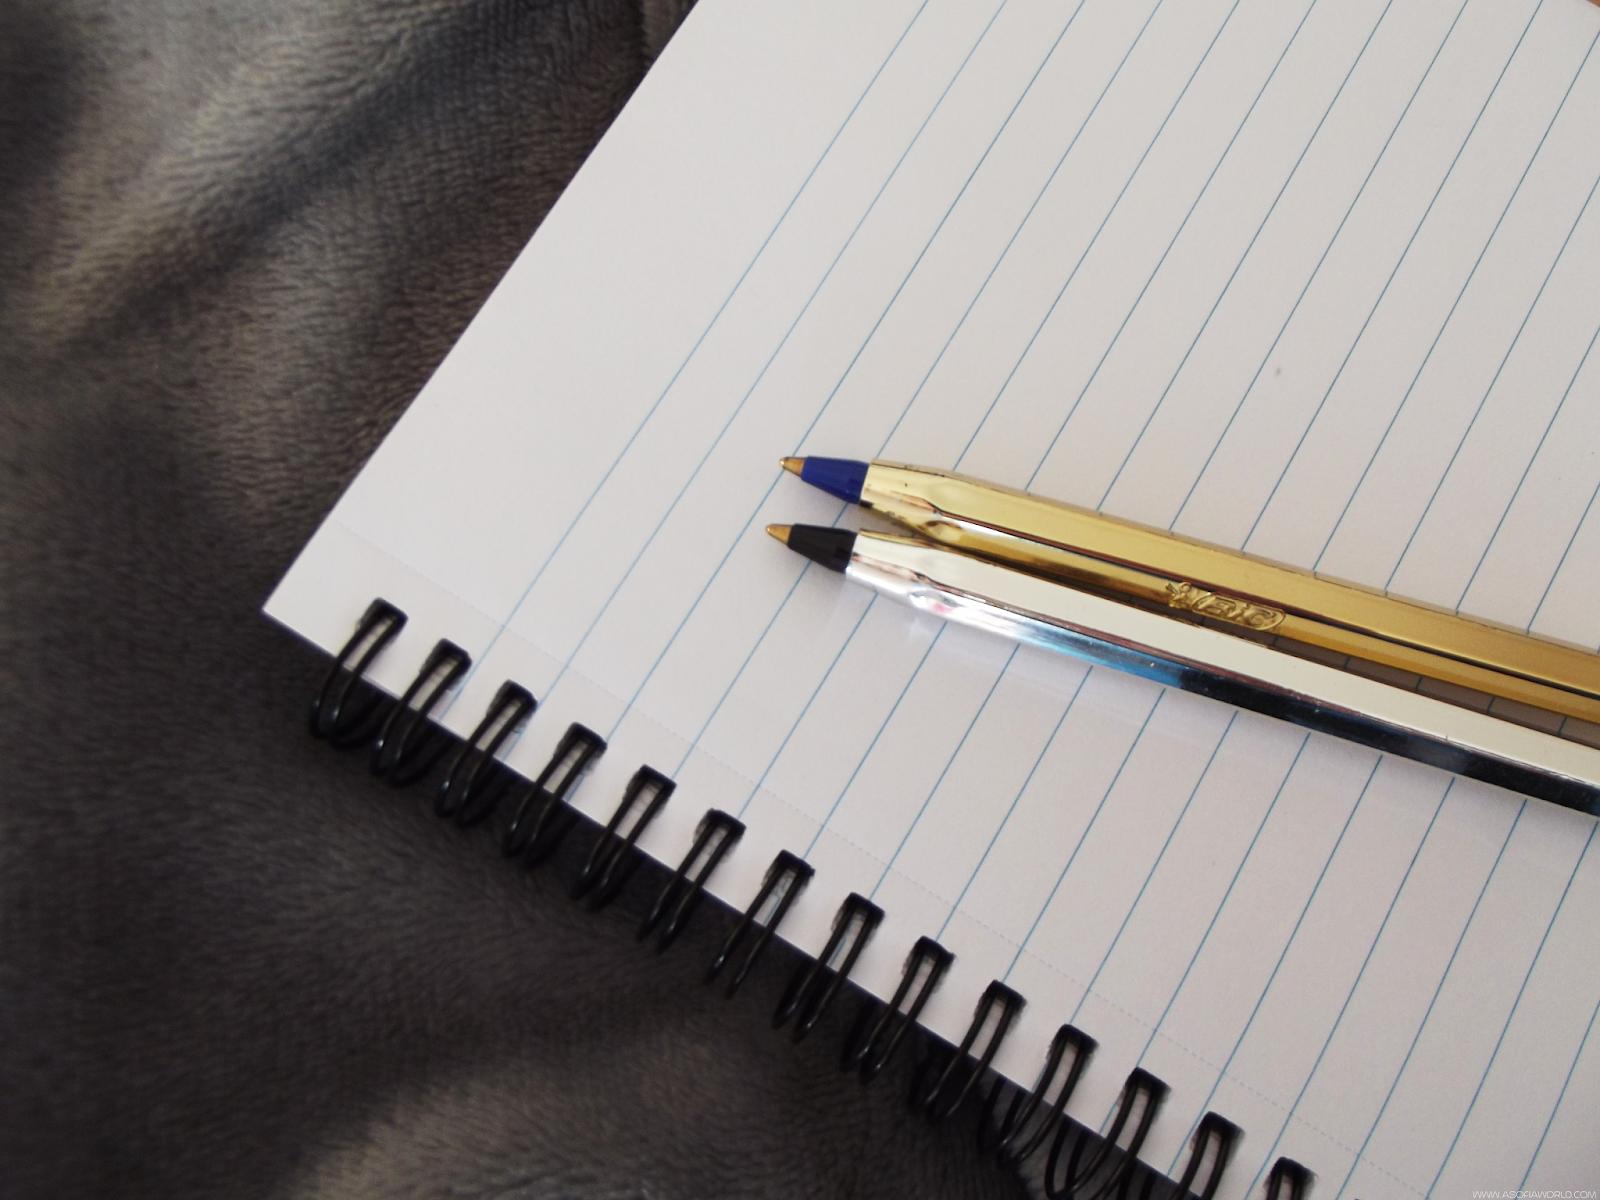 10 mitos sobre escrever e publicar livros